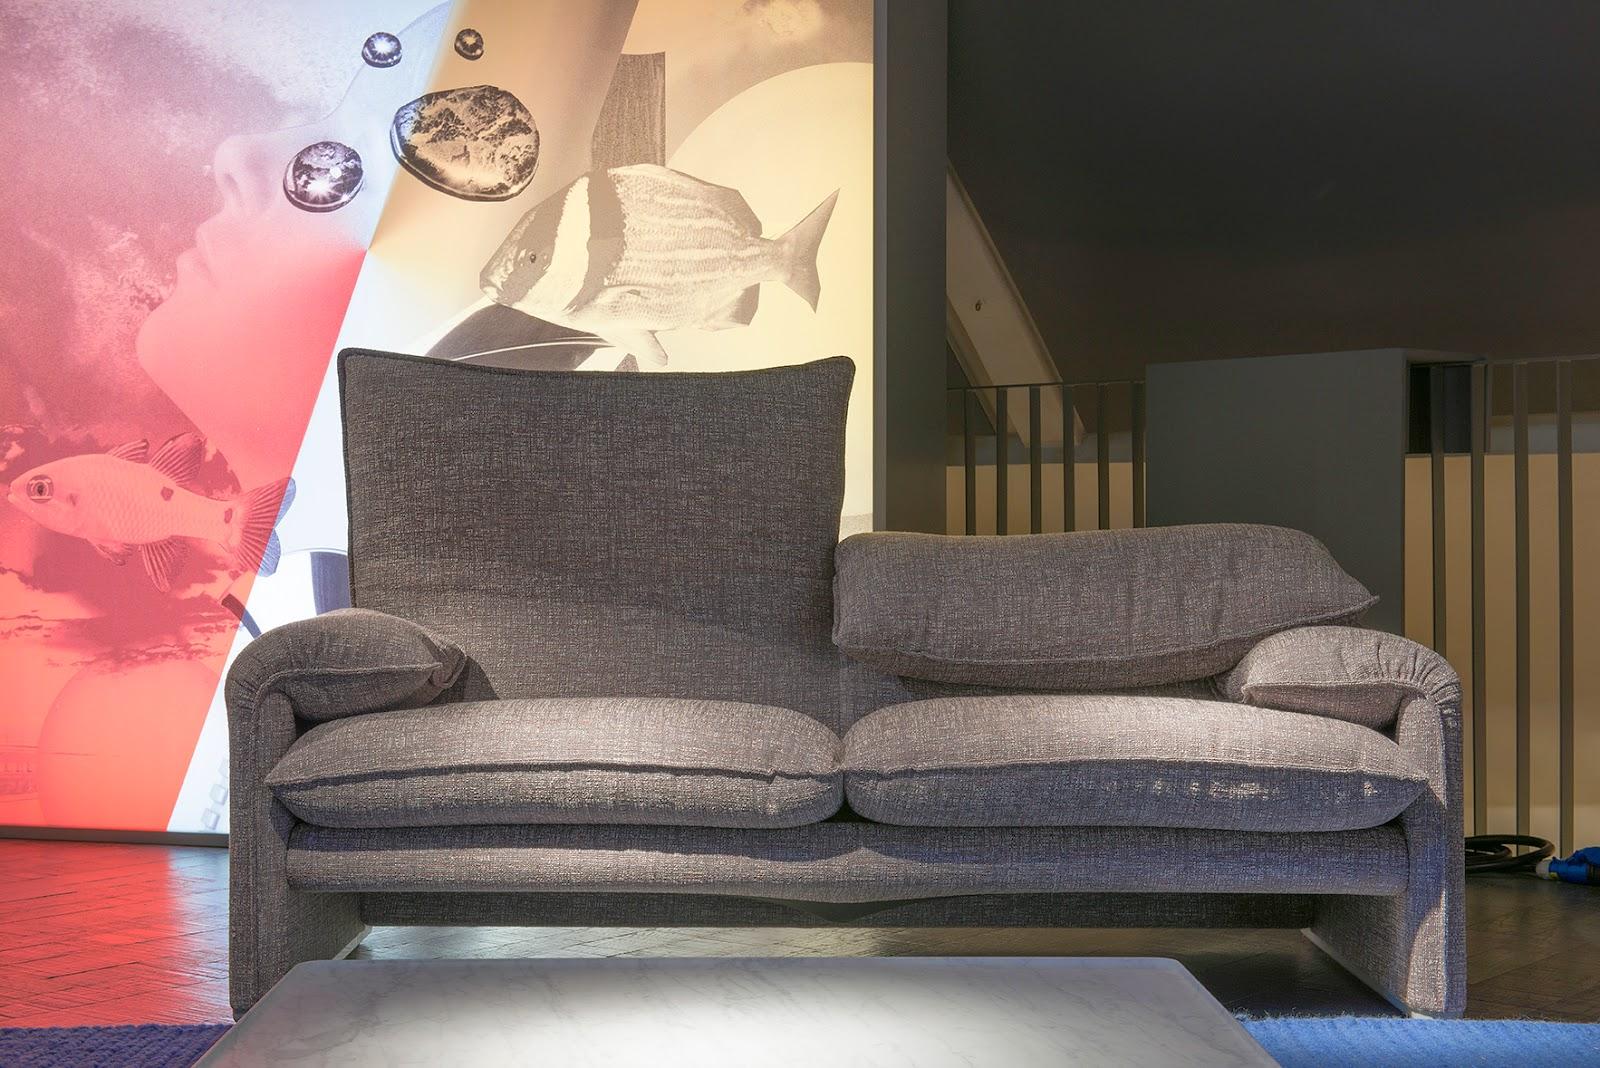 Cesare chimenti fotografo il divano maralunga compie 40 anni - Divano cassina maralunga ...